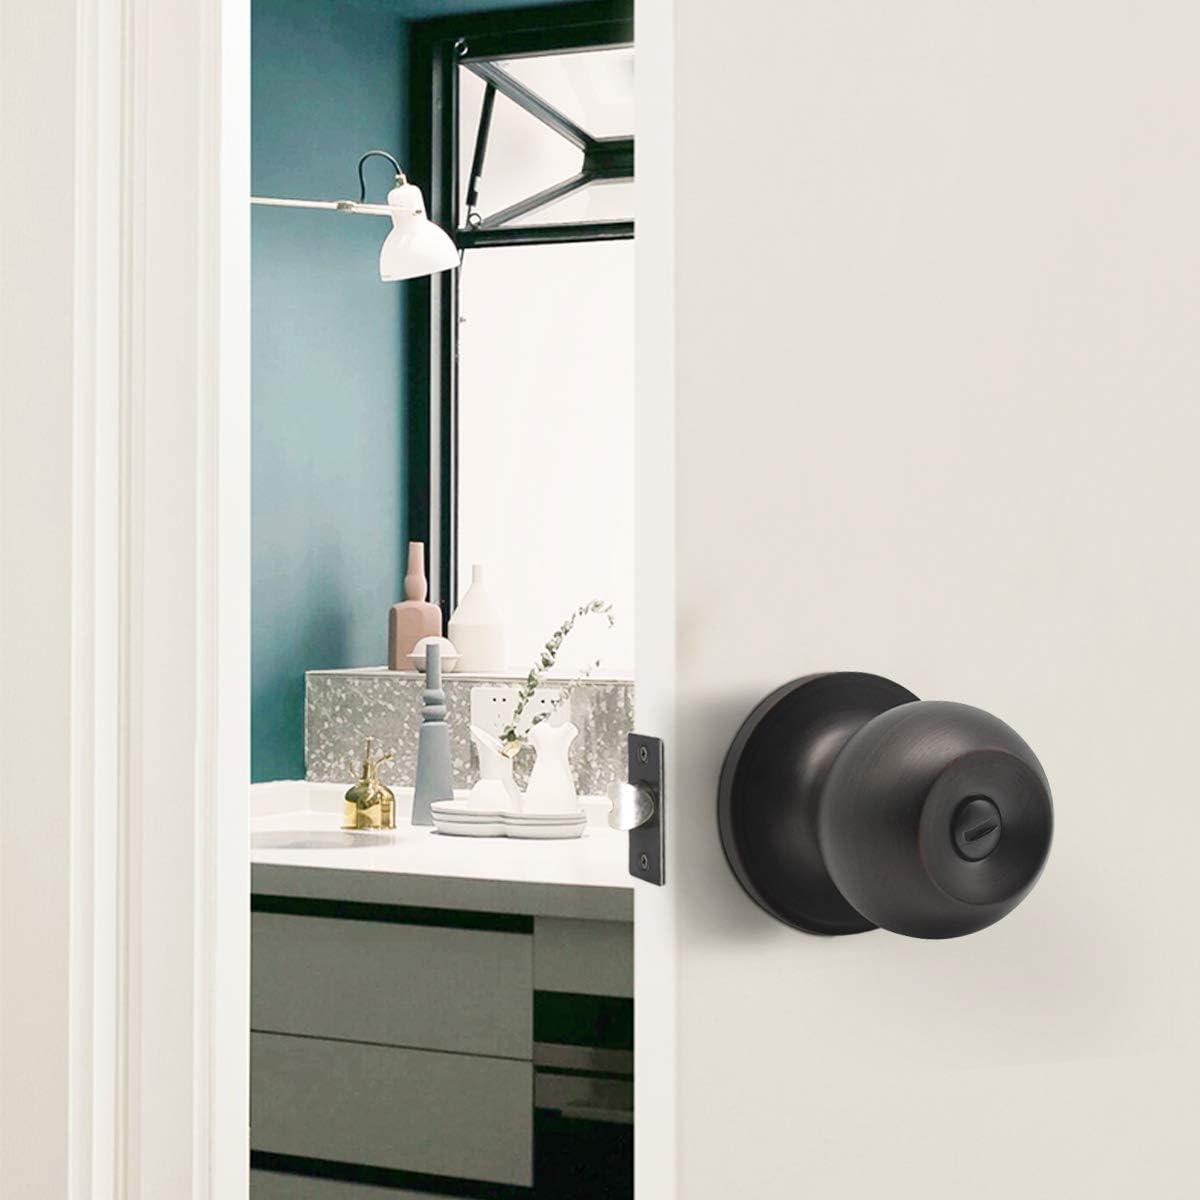 dormitorio Pomo de puerta de bronce aceitado con bola de privacidad manija de seguridad interior para trastero ba/ño 607 pomo de puerta de acero s/ólido